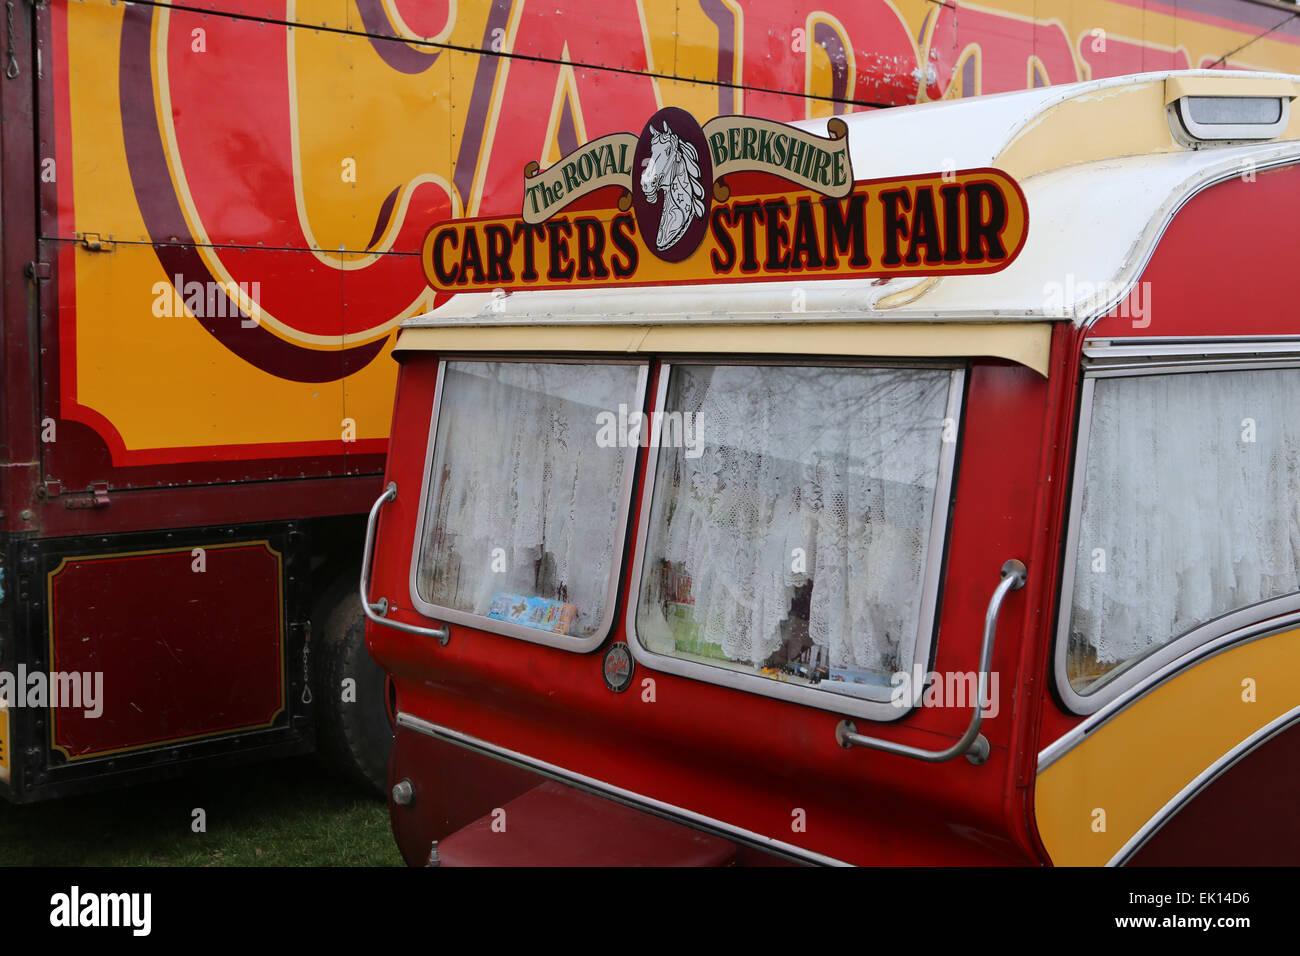 Une caravane décorée à la vapeur du carter, juste un voyage ...